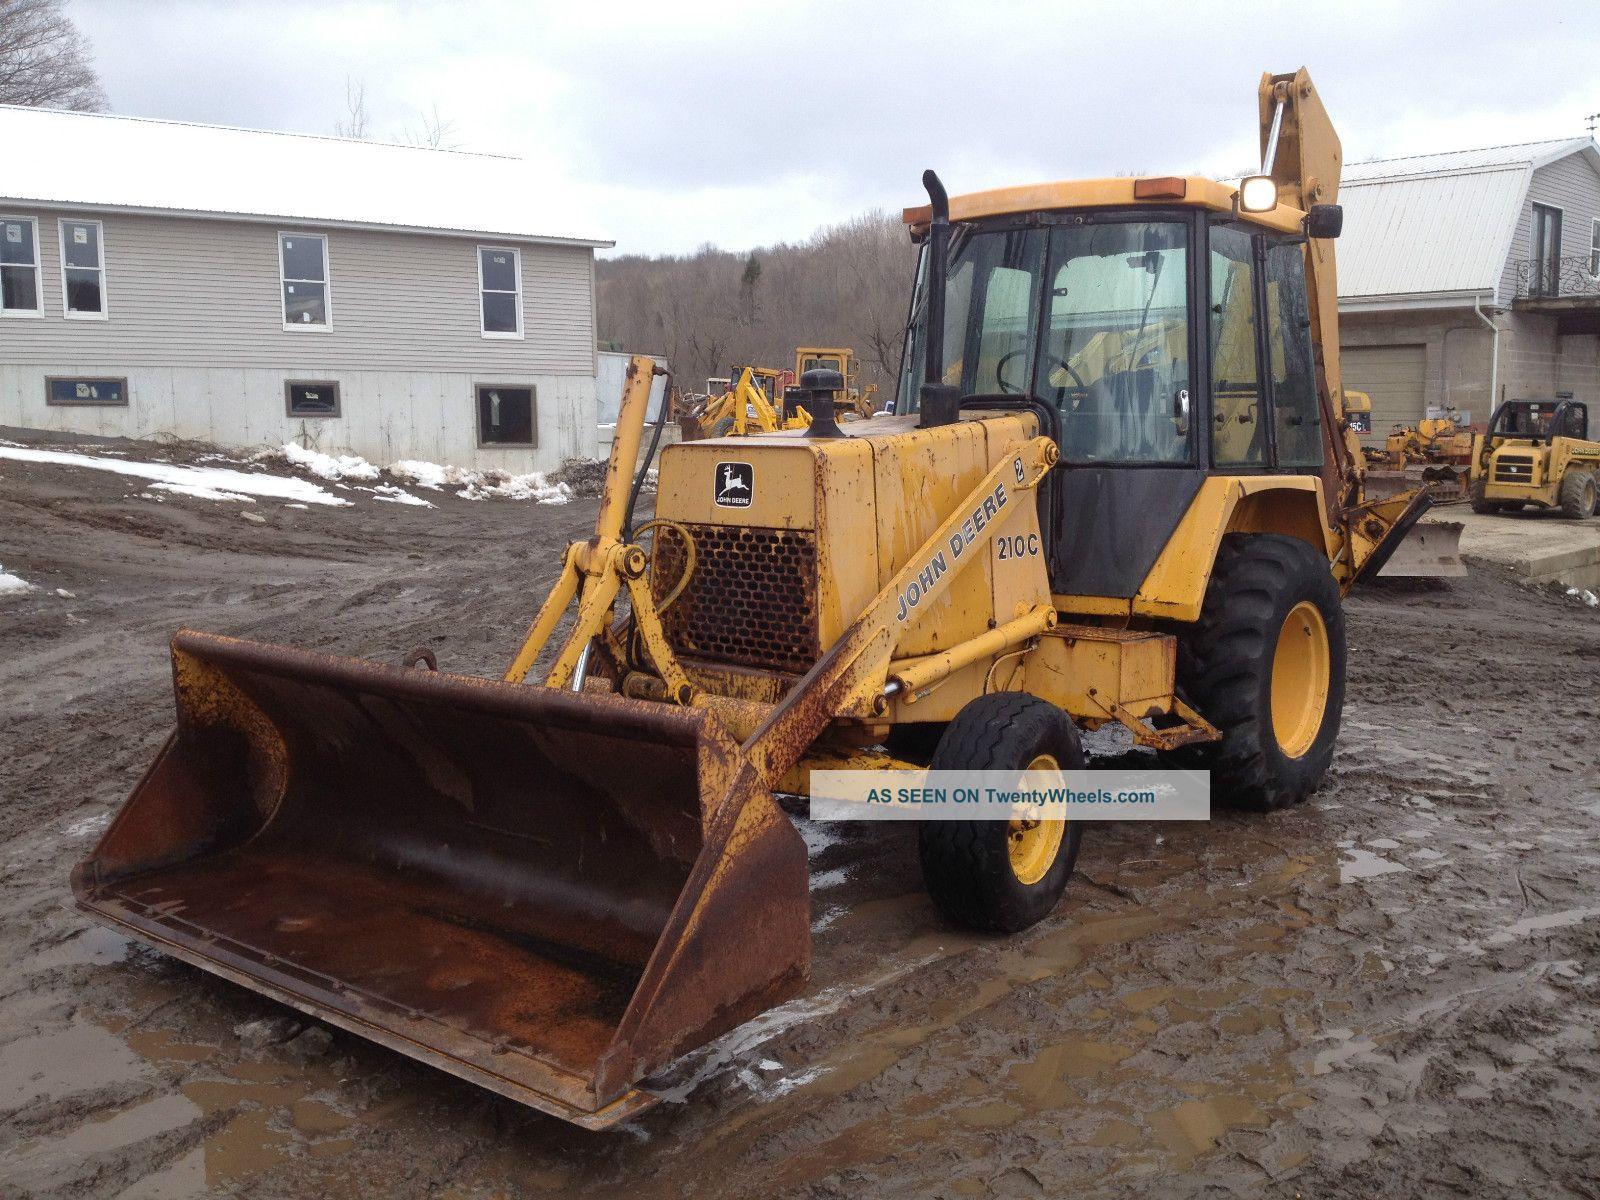 John Deere 210c Backhoe Excavator Loader Dozer Trackhoe Price Backhoe Loaders photo